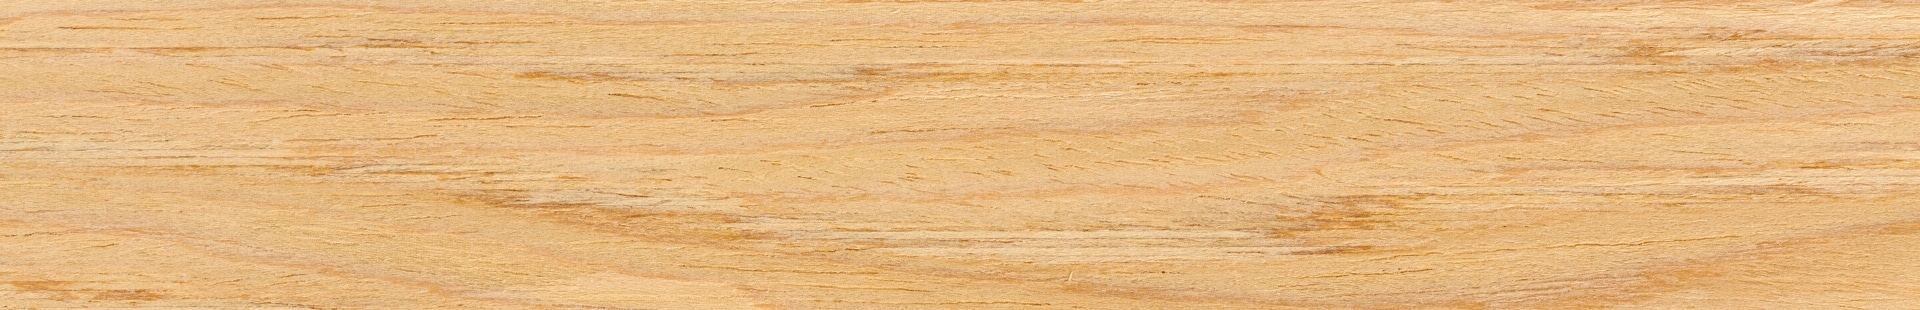 Pflege von Holz: Eiche